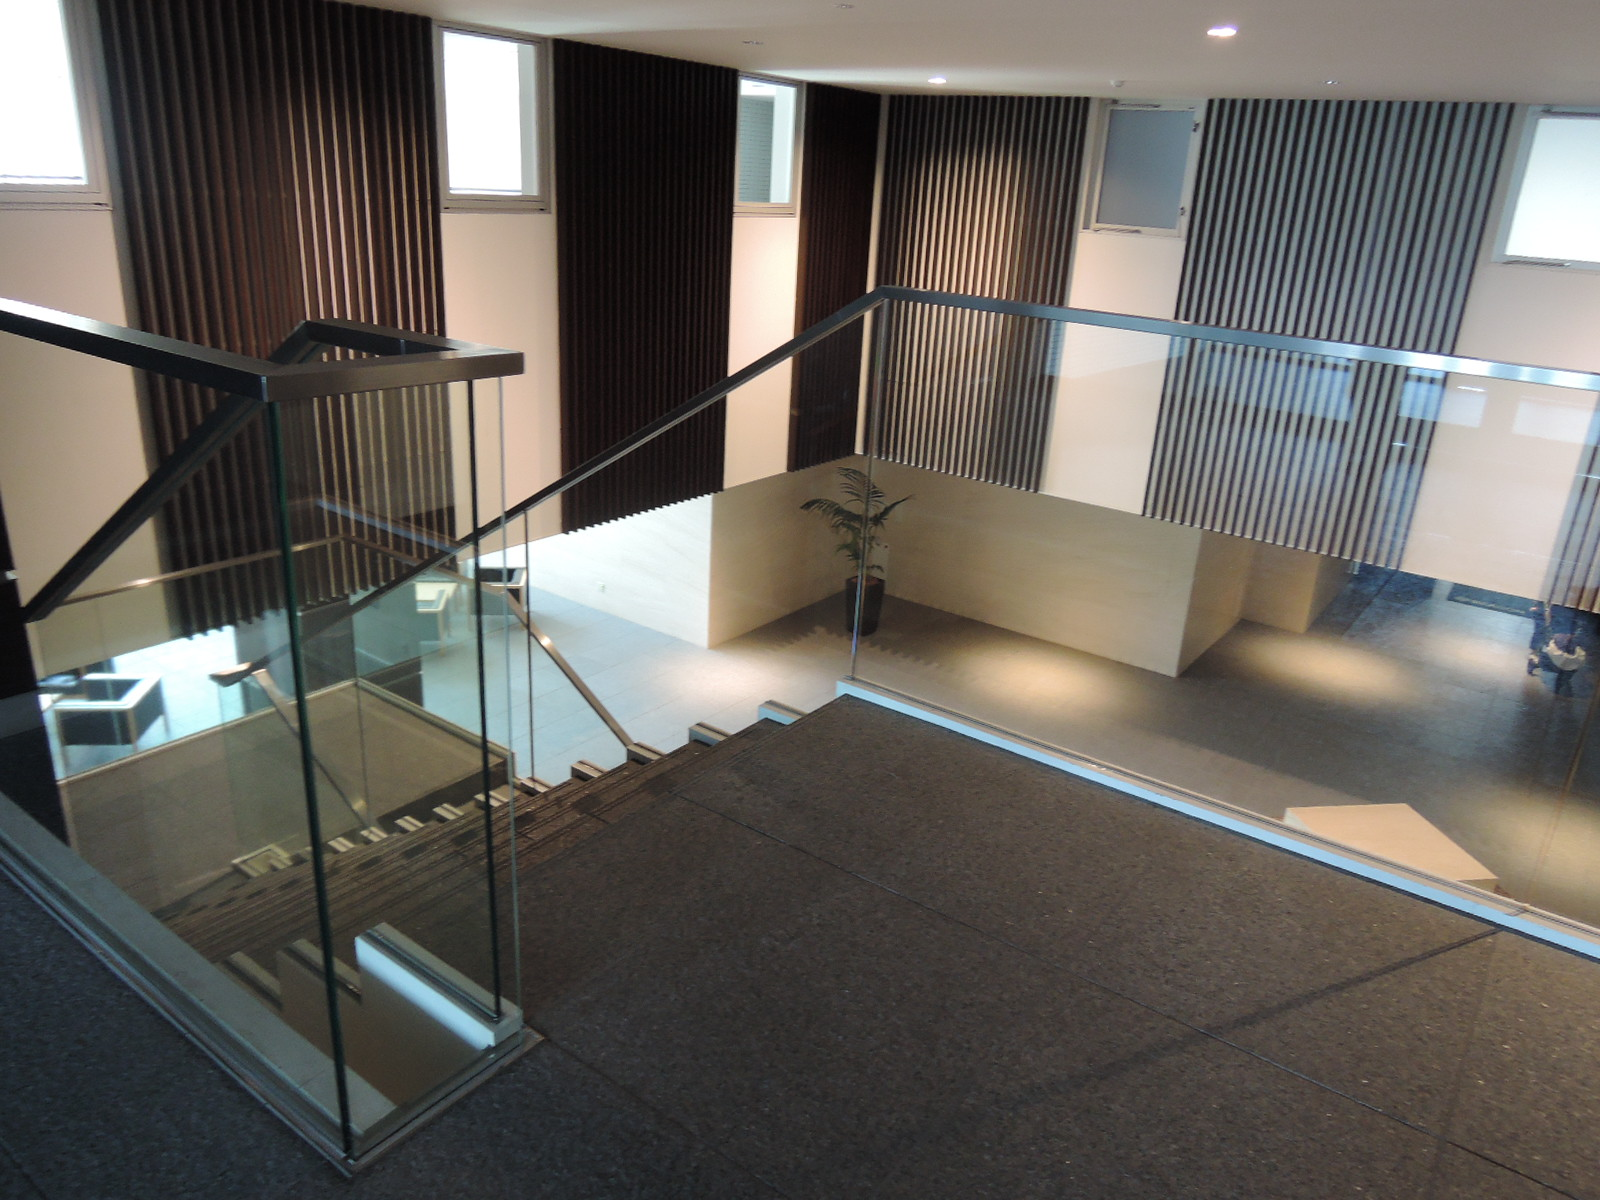 2階に上がると各種共用施設があります